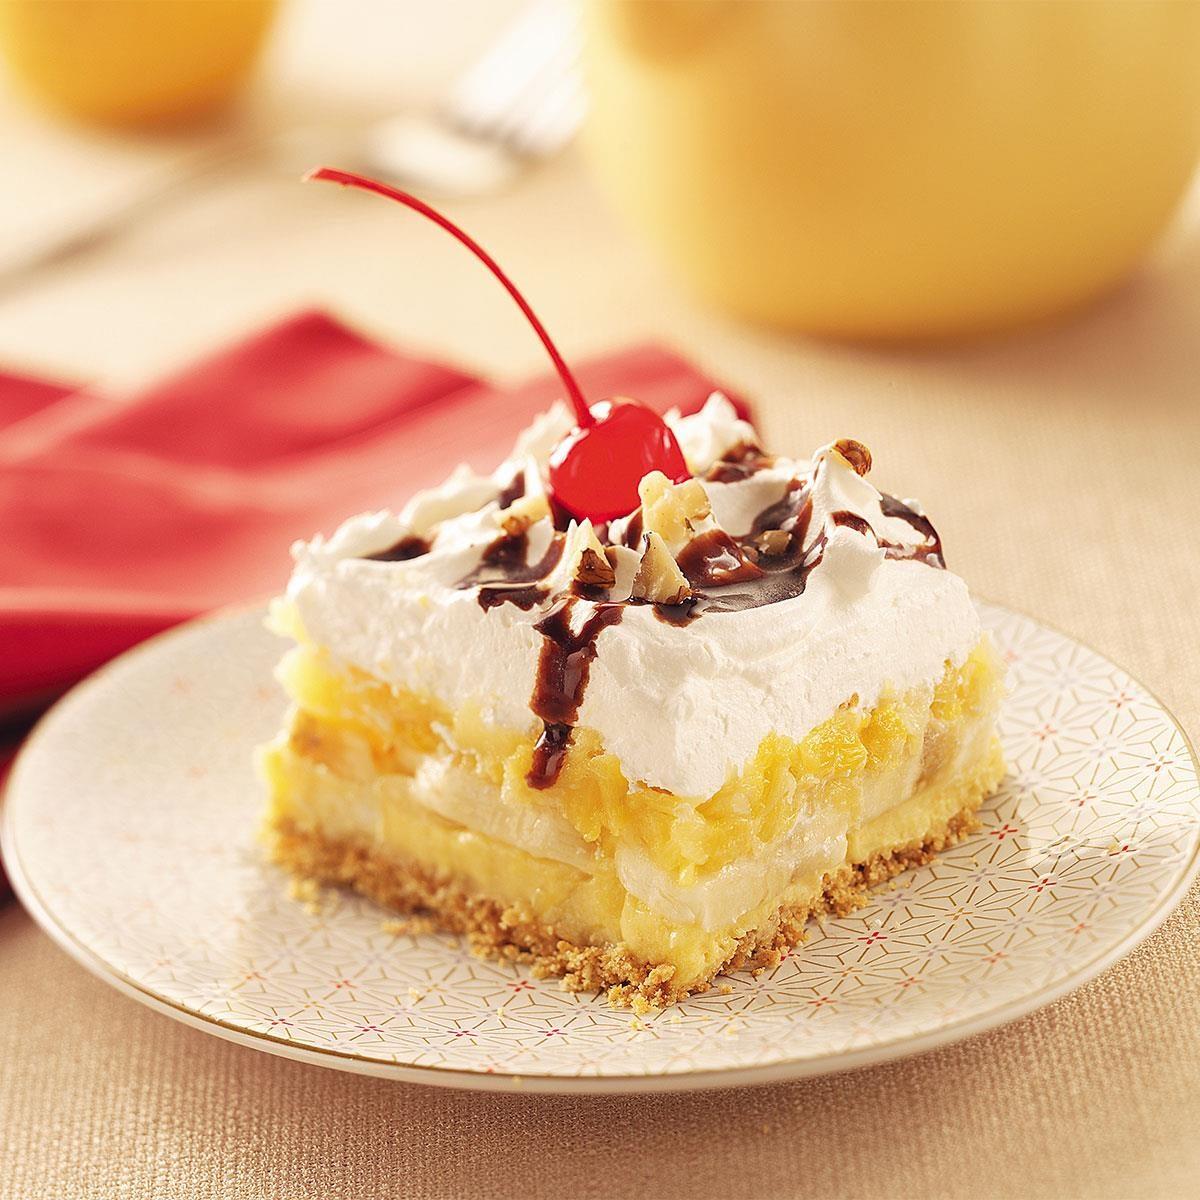 Graham Cracker Banana Split Dessert Recipe